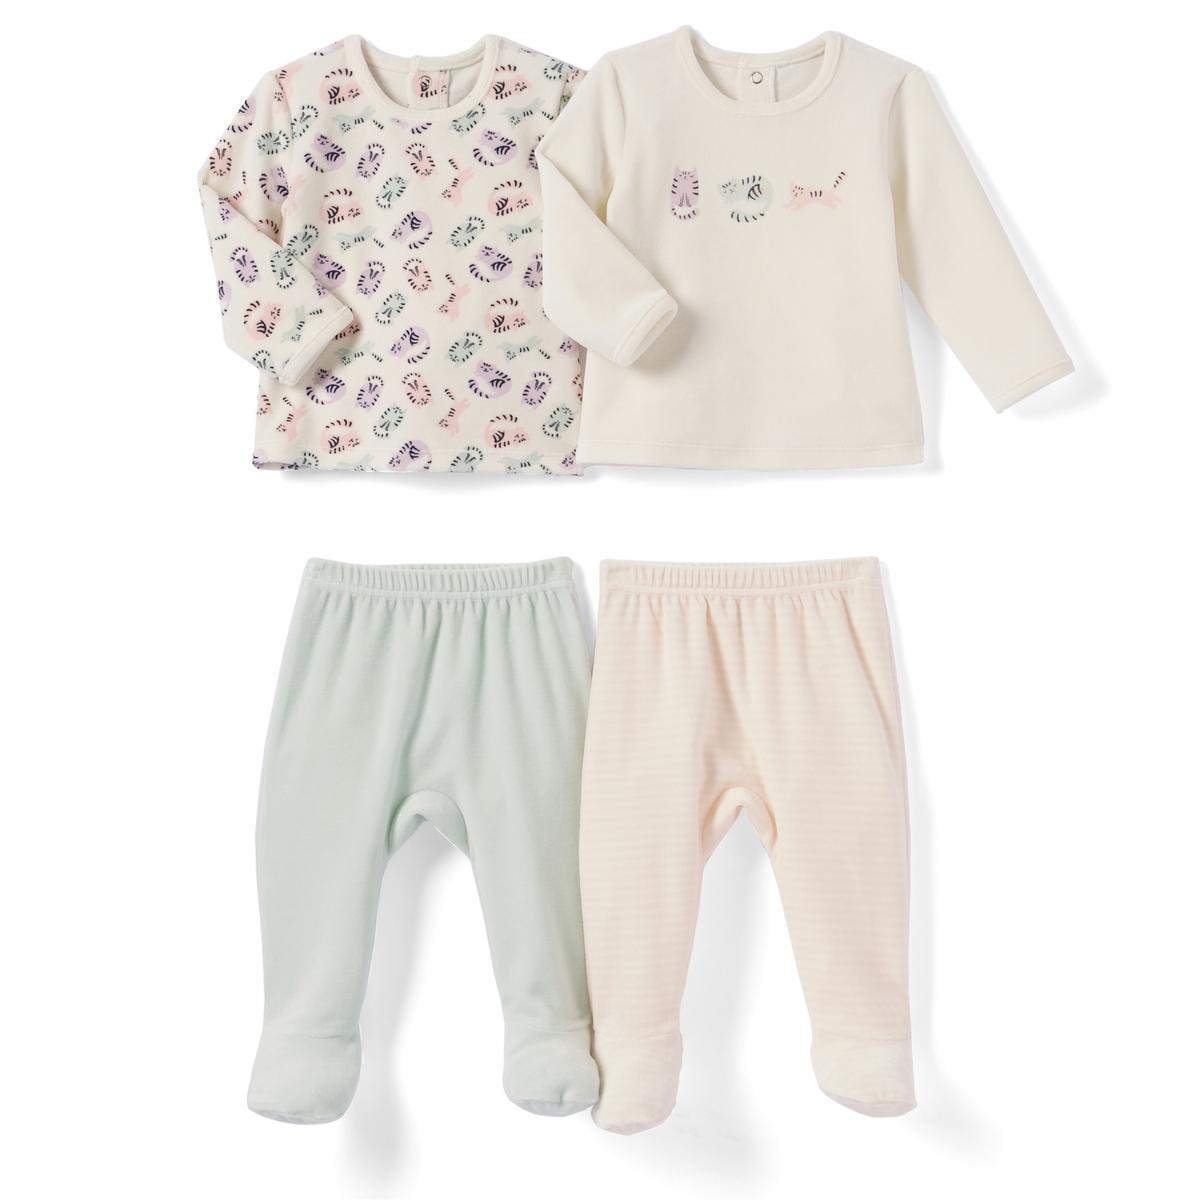 2 пижамы из 2 предметов из велюра, 0 мес. - 3 годаПижама из 2 предметов из велюра. В комплекте 2 пижамы : 1 пижама с футболкой с длинными рукавами и рисунком кошка + 1 однотонные брюки. 1 пижама с футболкой с длинными рукавами и рисунком кошка спереди + 1 брюки в полоску. Верх с застежкой на кнопки сзади. Брюки с эластичным поясом. Носочки с противоскользящим эффектом от 12 мес. (74 см) .    Планка застежки на пуговицы для соединения верха и низа. Верх пижамы без этикетки, чтобы не вызывать раздражение или зуд на коже ребенка .Товарный знак Oeko-Tex® . Знак Oeko-Tex® гарантирует, что товары прошли проверку и были изготовлены без применения вредных для здоровья человека веществ.Состав и описание : Материал: велюр, 75% хлопка, 25% полиэстера.Уход :Машинная стирка при 30 °C на умеренном режиме с вещами схожих цветов.Стирать, сушить и гладить с изнаночной стороны.Машинная сушка на умеренном режиме.Гладить при низкой температуре.* Международный знак Oeko-tex гарантирует отсутствие вредных или раздражающих кожу веществ.<br><br>Цвет: розовый + экрю + зеленый<br>Размер: 0 мес. - 50 см.2 года - 86 см.18 мес. - 81 см.9 мес. - 71 см